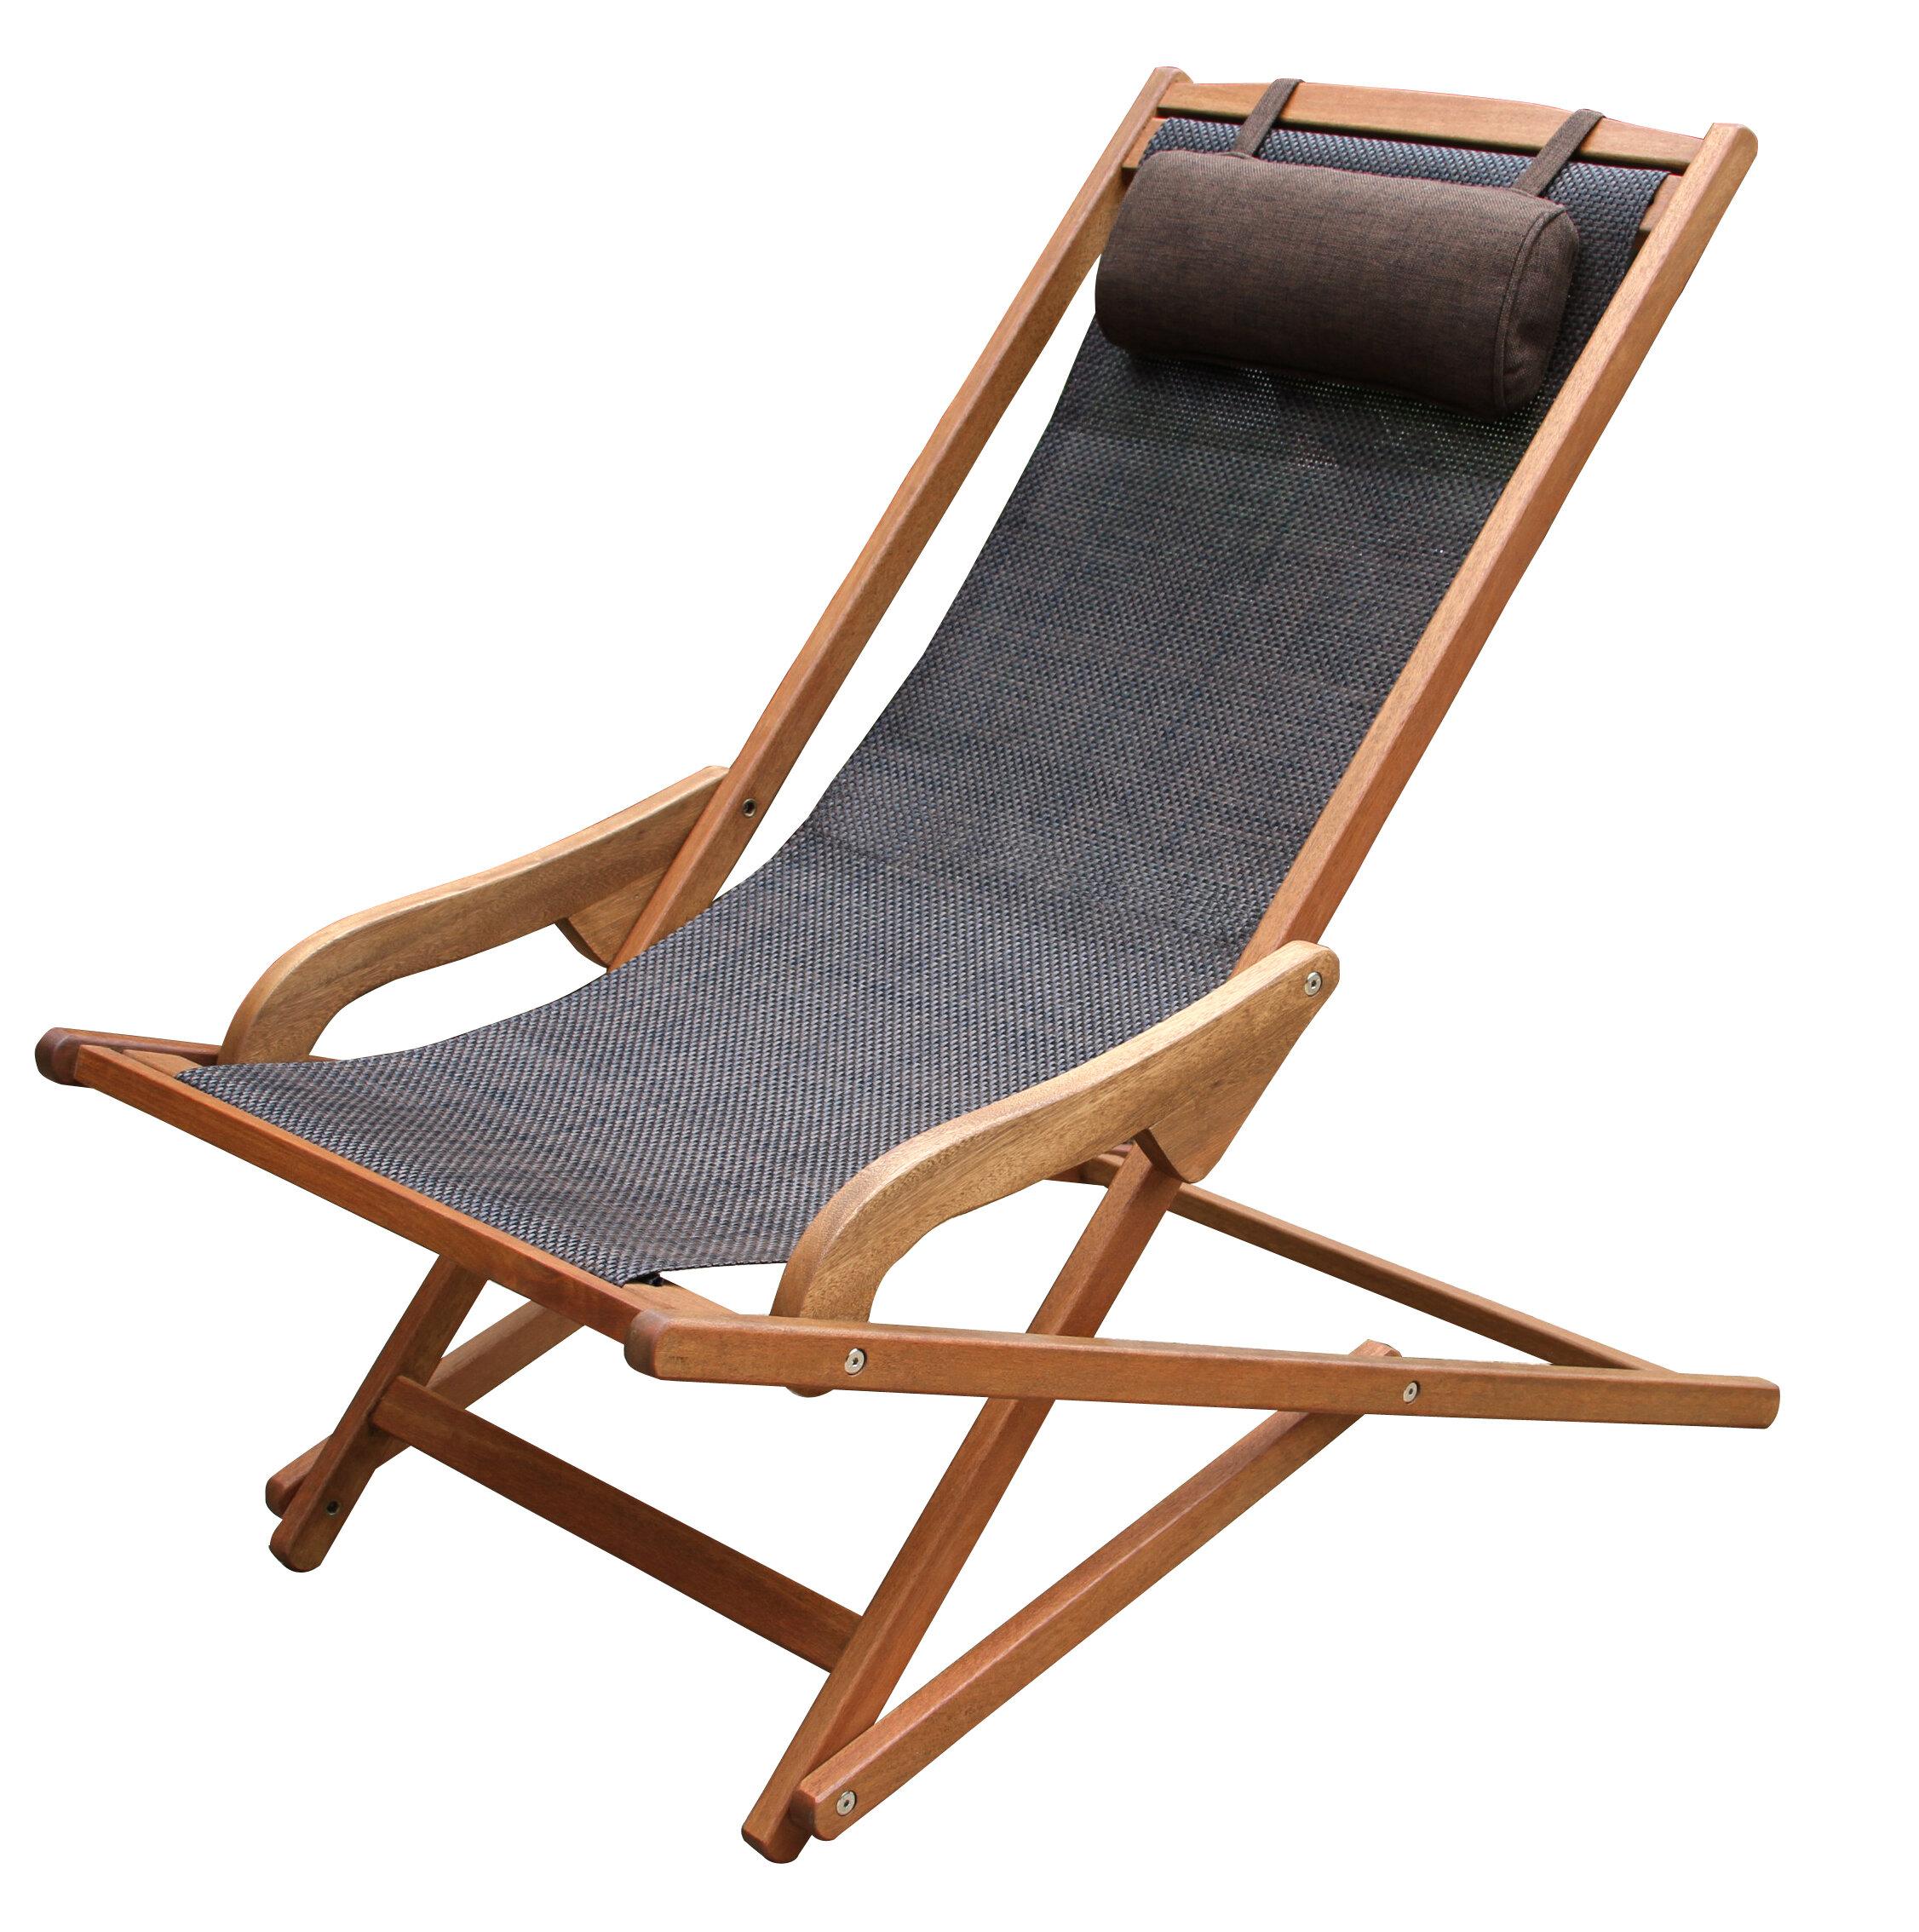 Burdette Folding Beach Chair